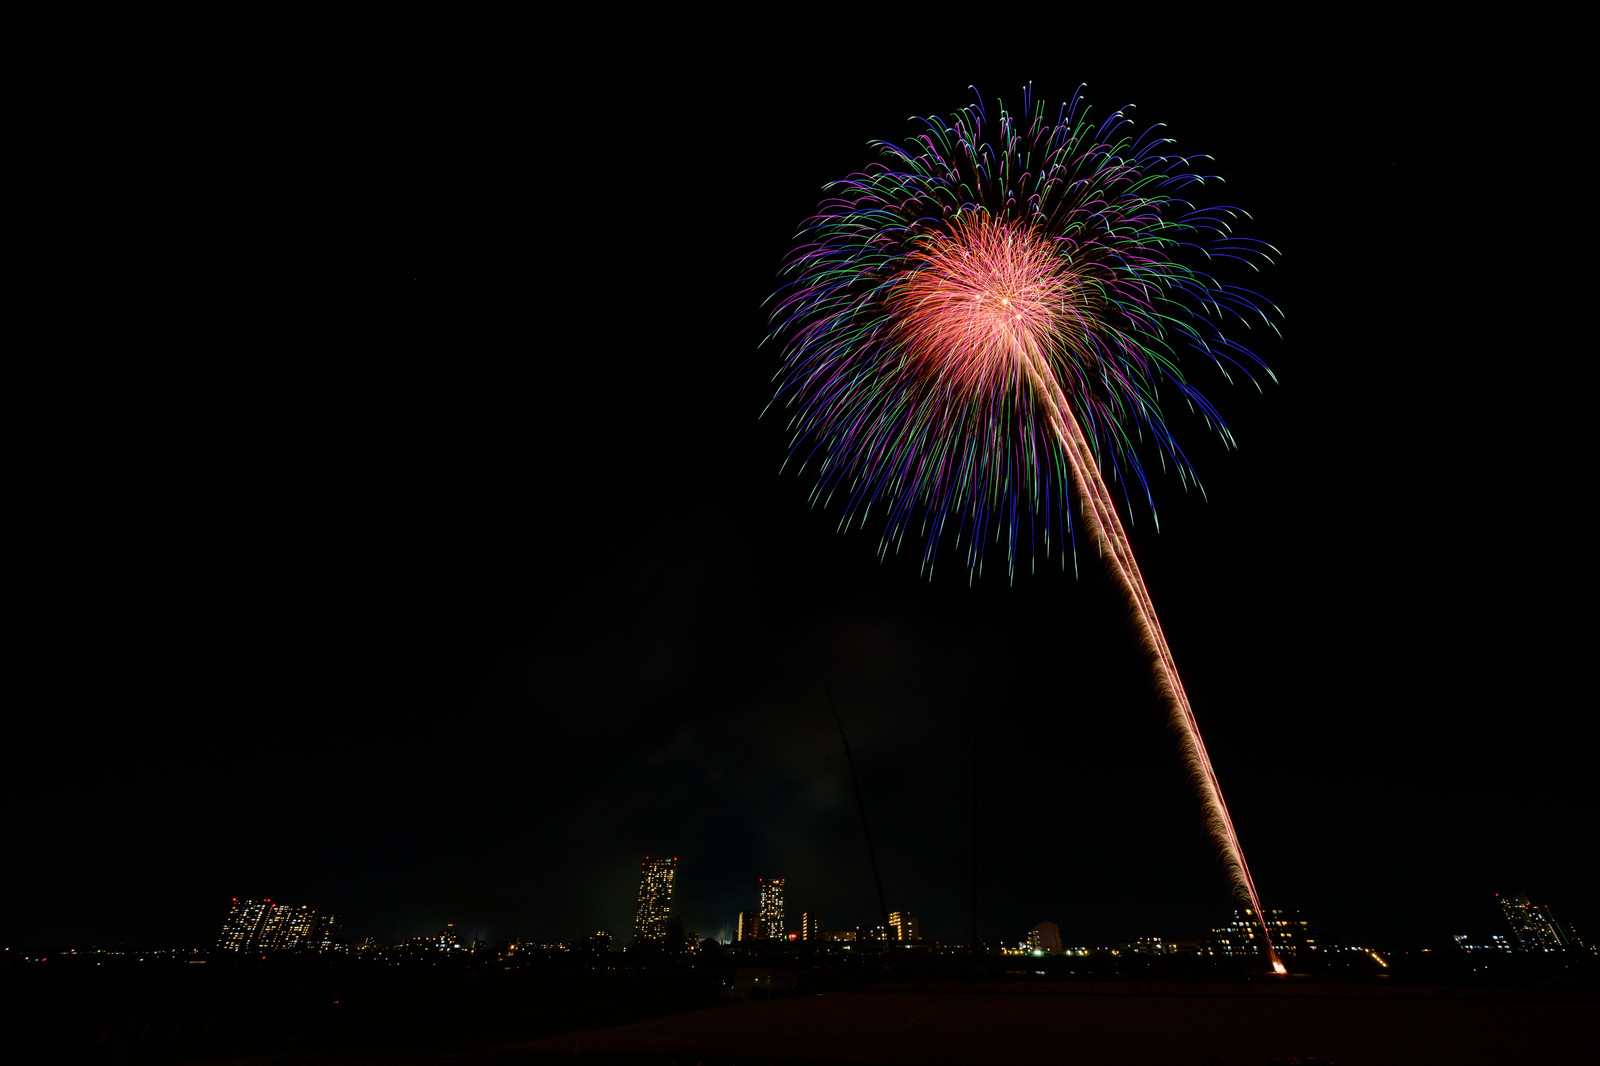 「都会の夜空に打ち上がる花火」の写真